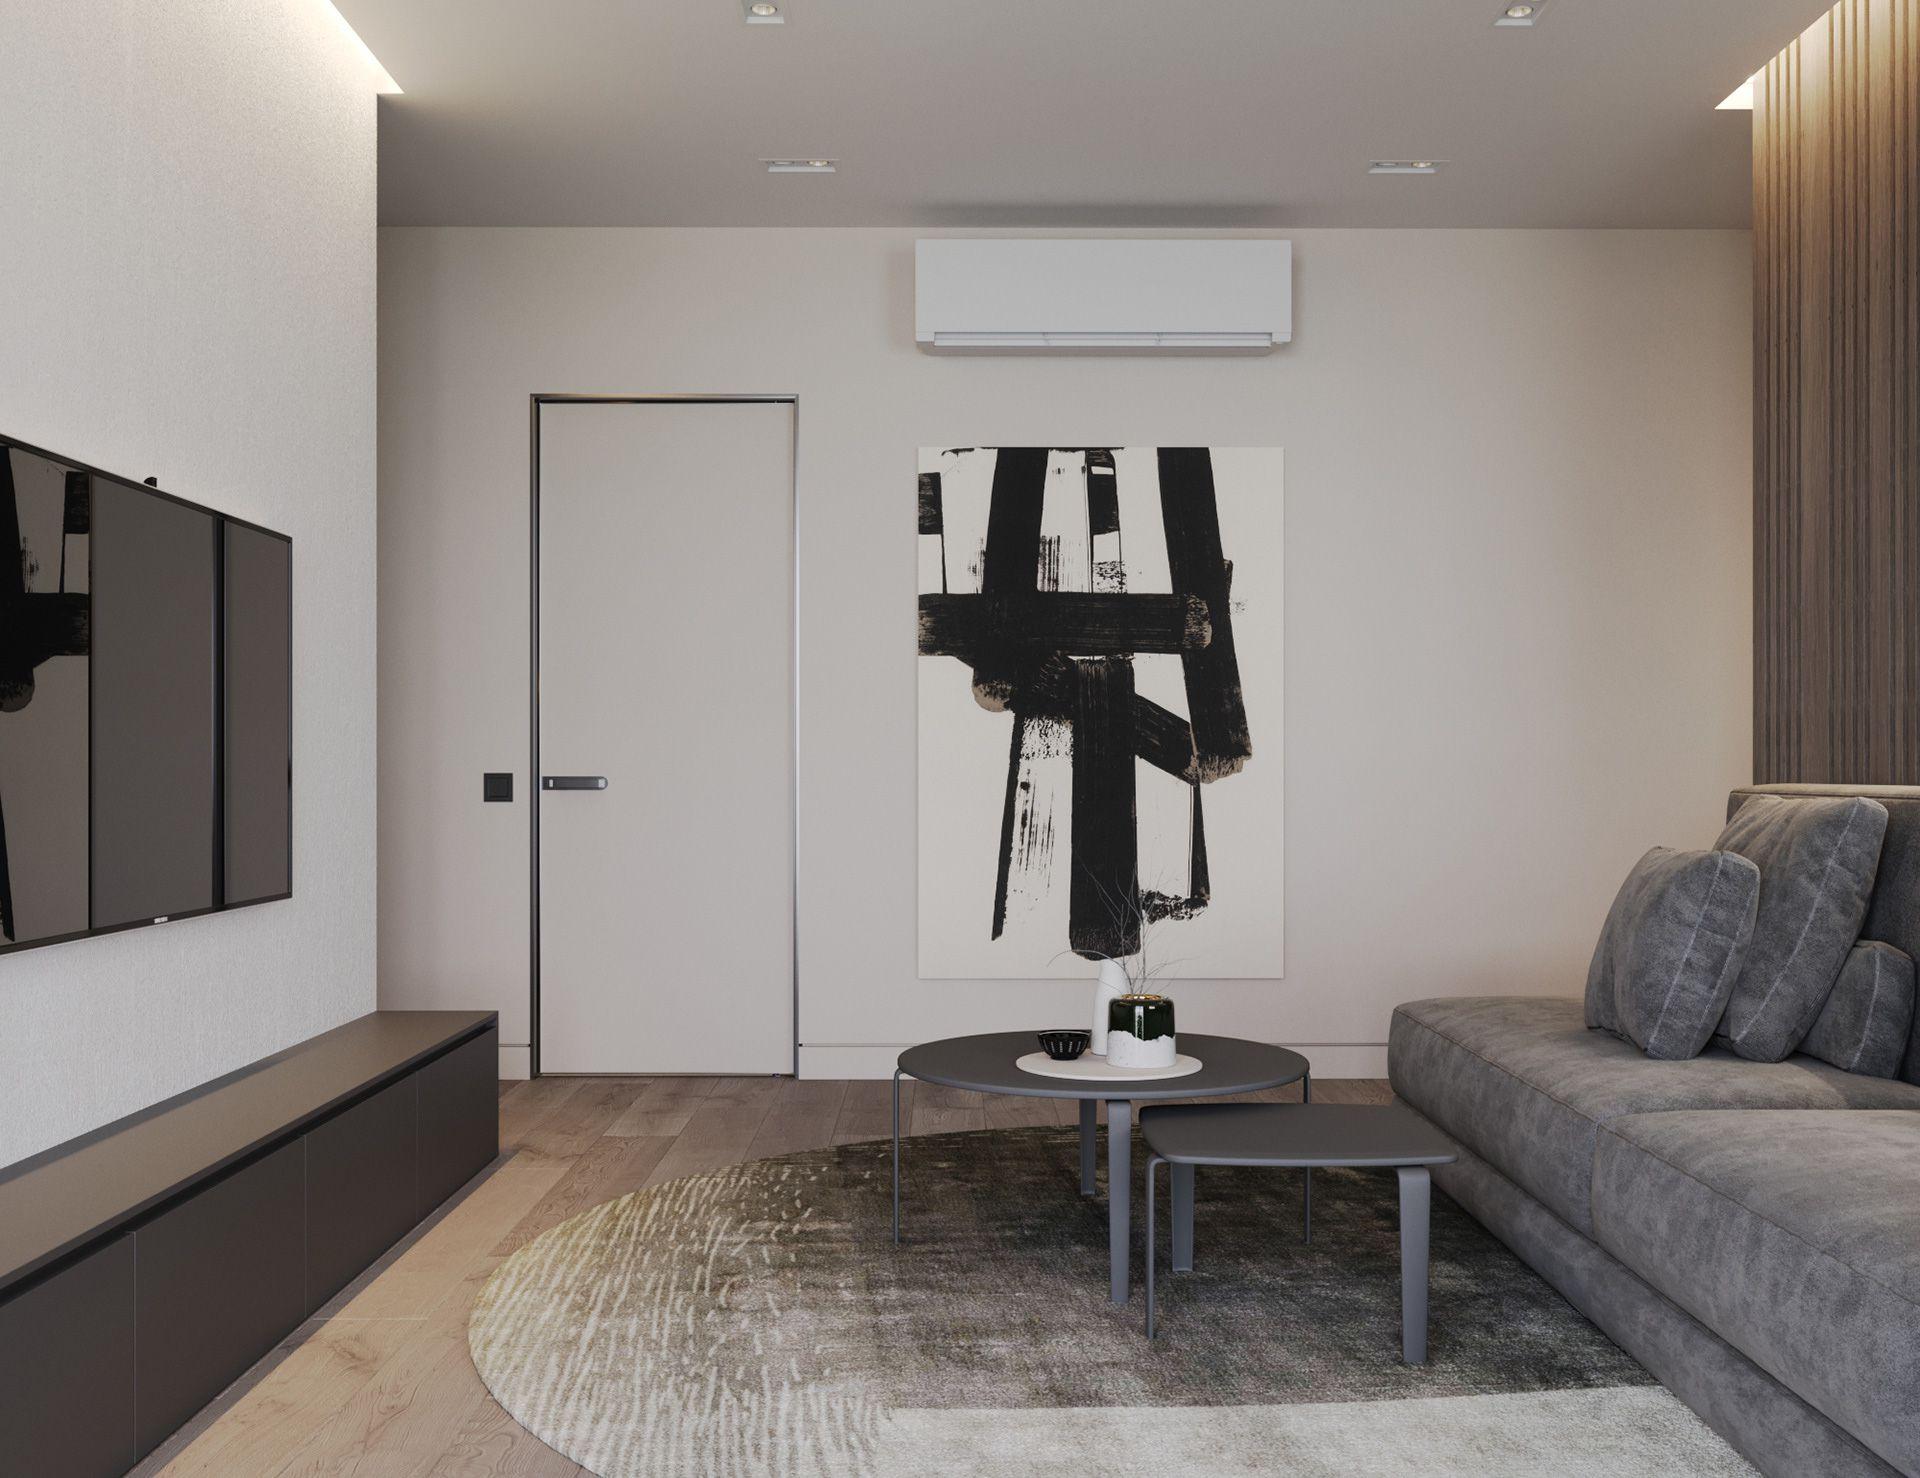 tuukri residents interior visual2